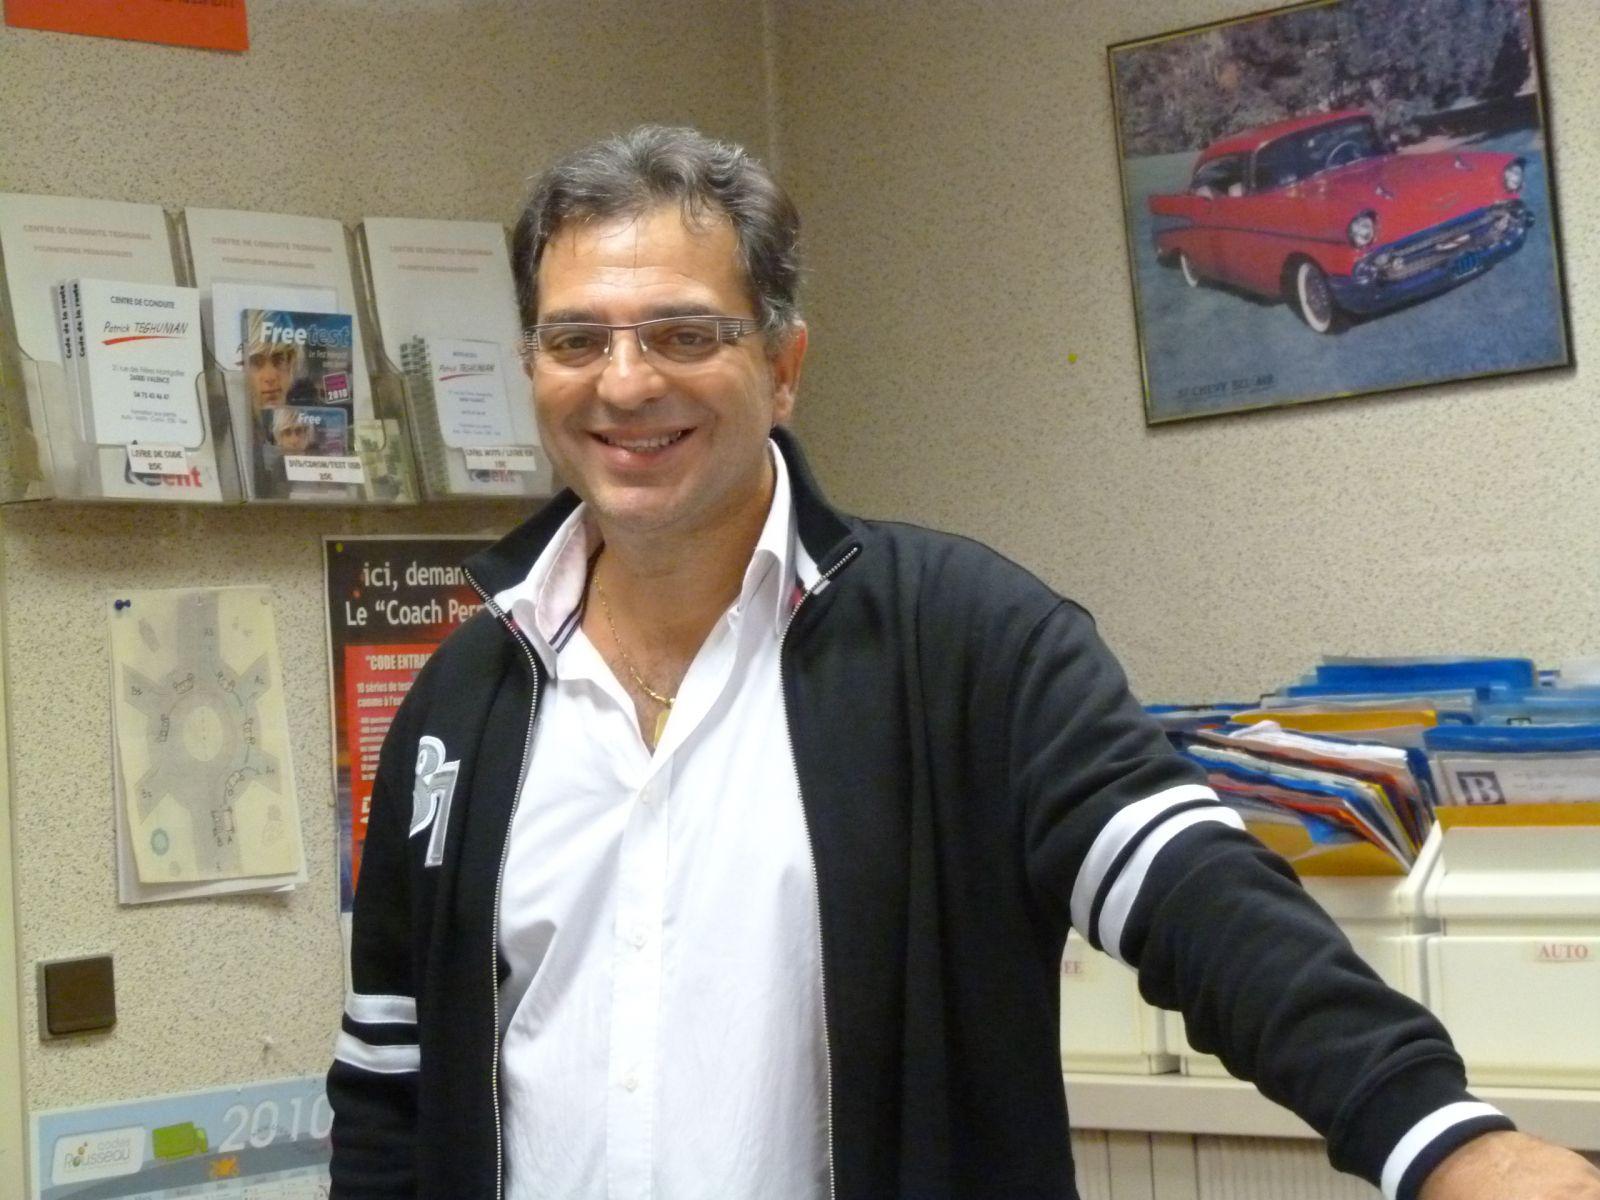 Patrick directeur de l'agence création en 1986.